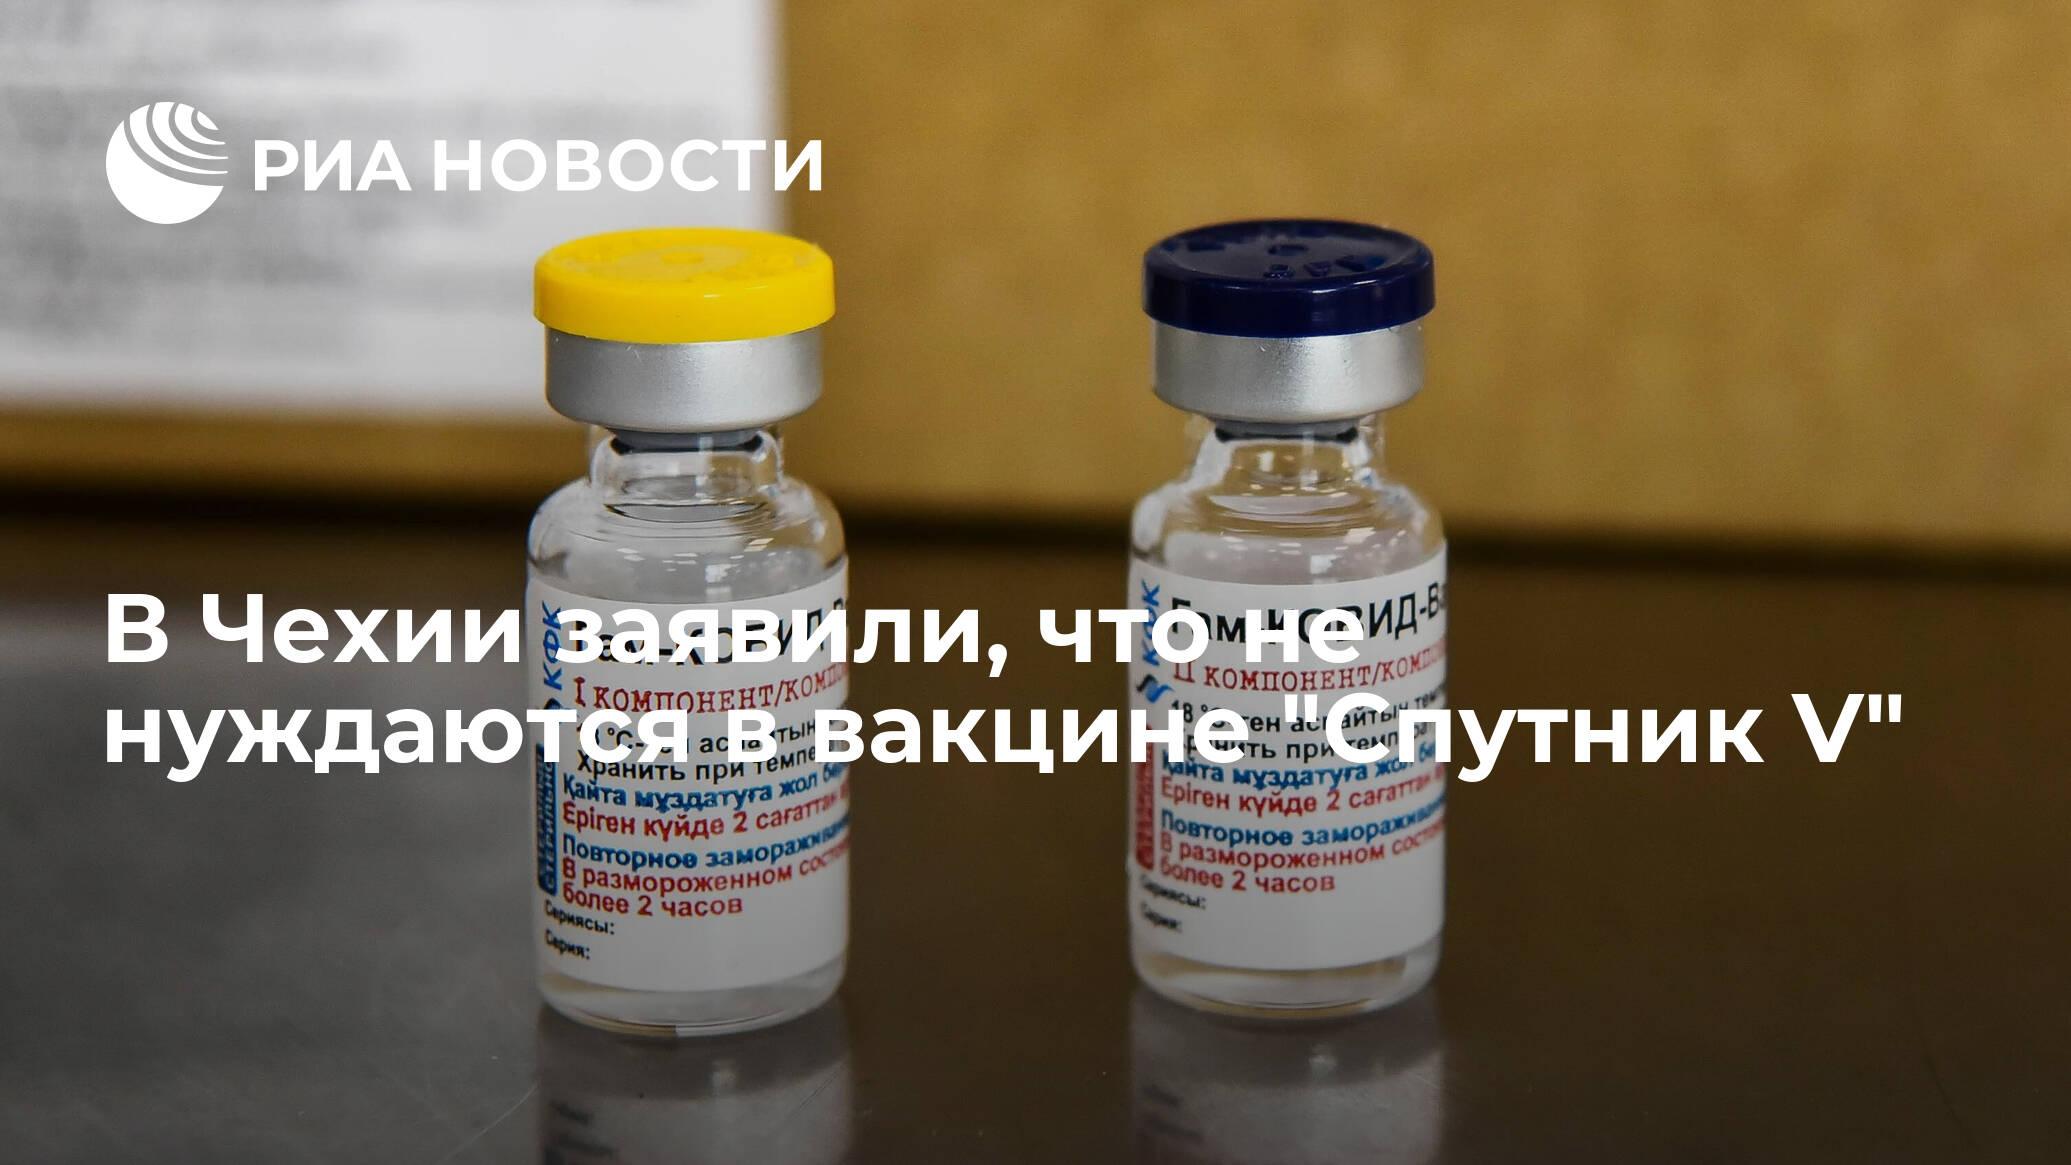 """В Чехии заявили, что не нуждаются в вакцине """"Спутник V"""""""